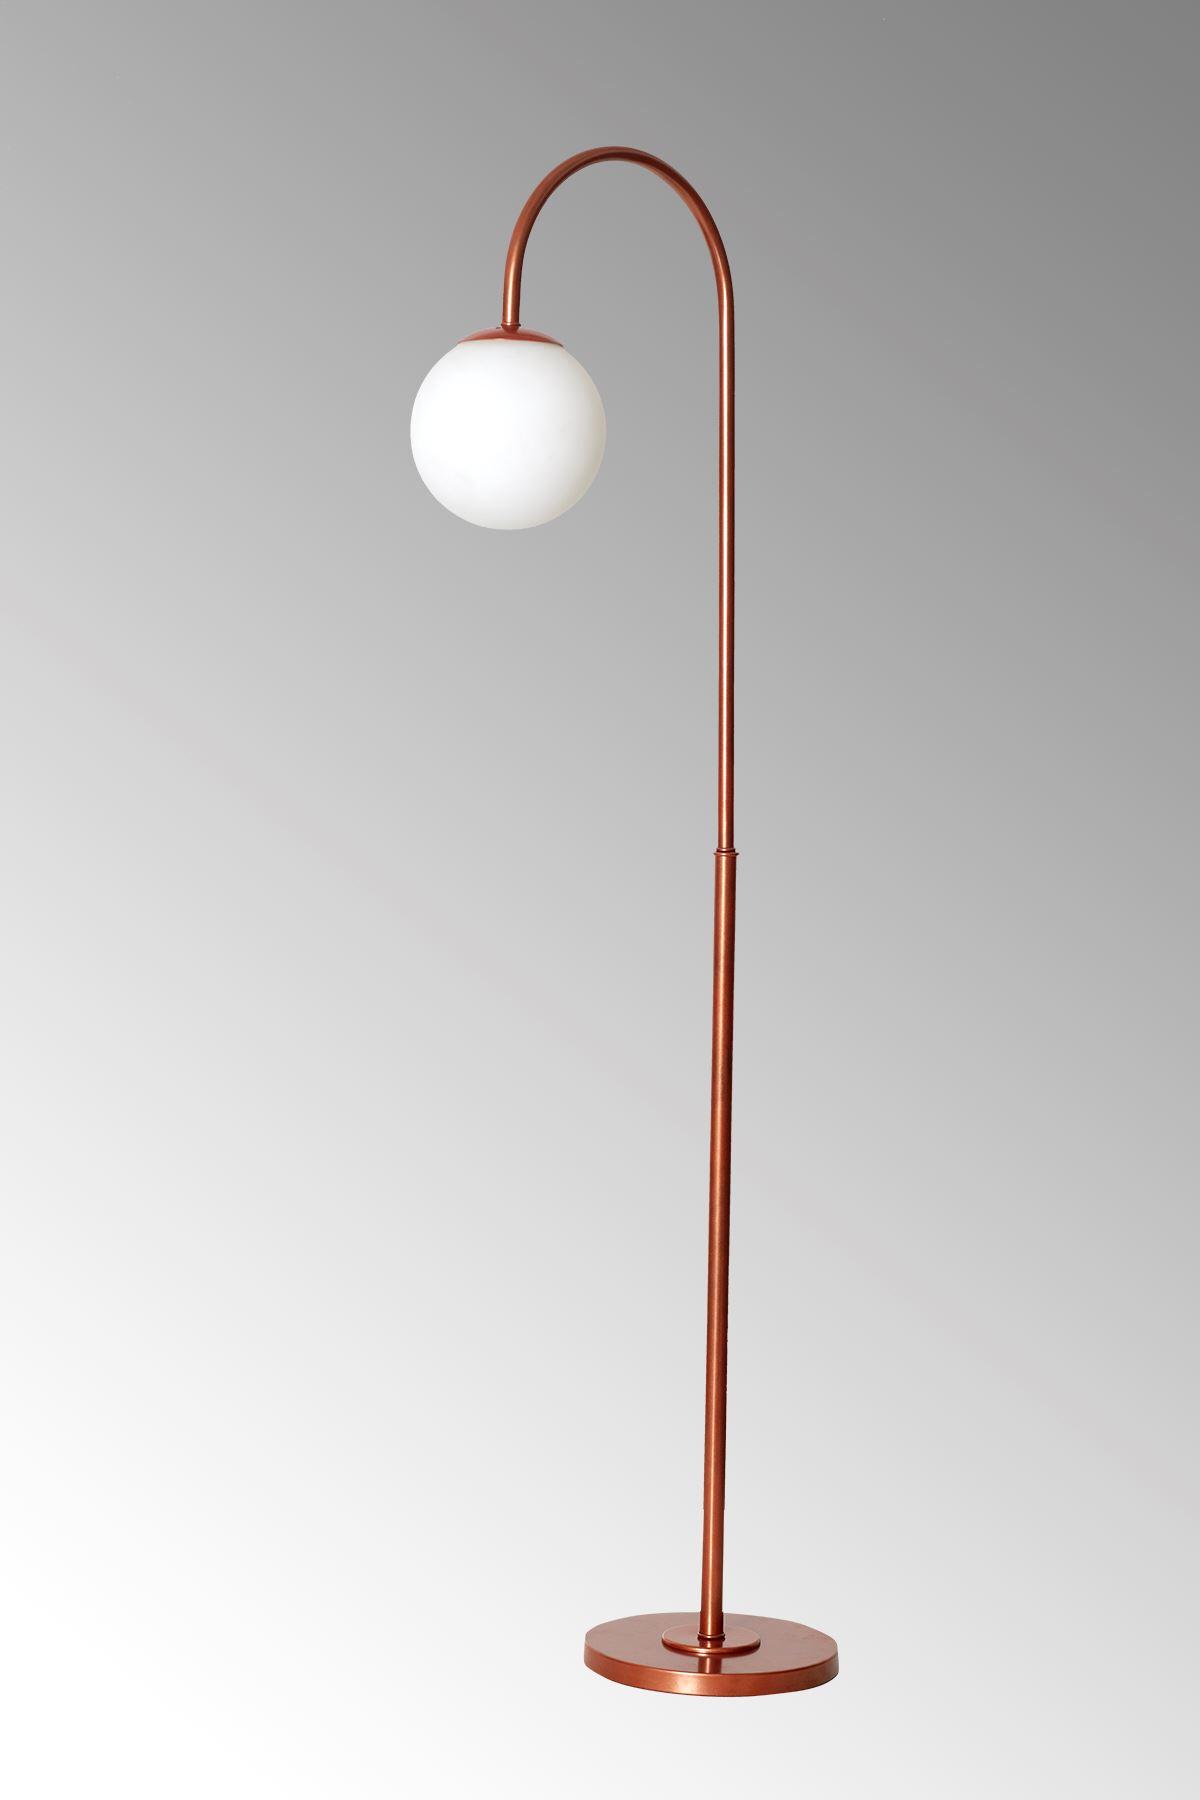 Amor Bakır Metal Gövde Beyaz Camlı Tasarım Lüx Yerden Aydınlatma Lambader